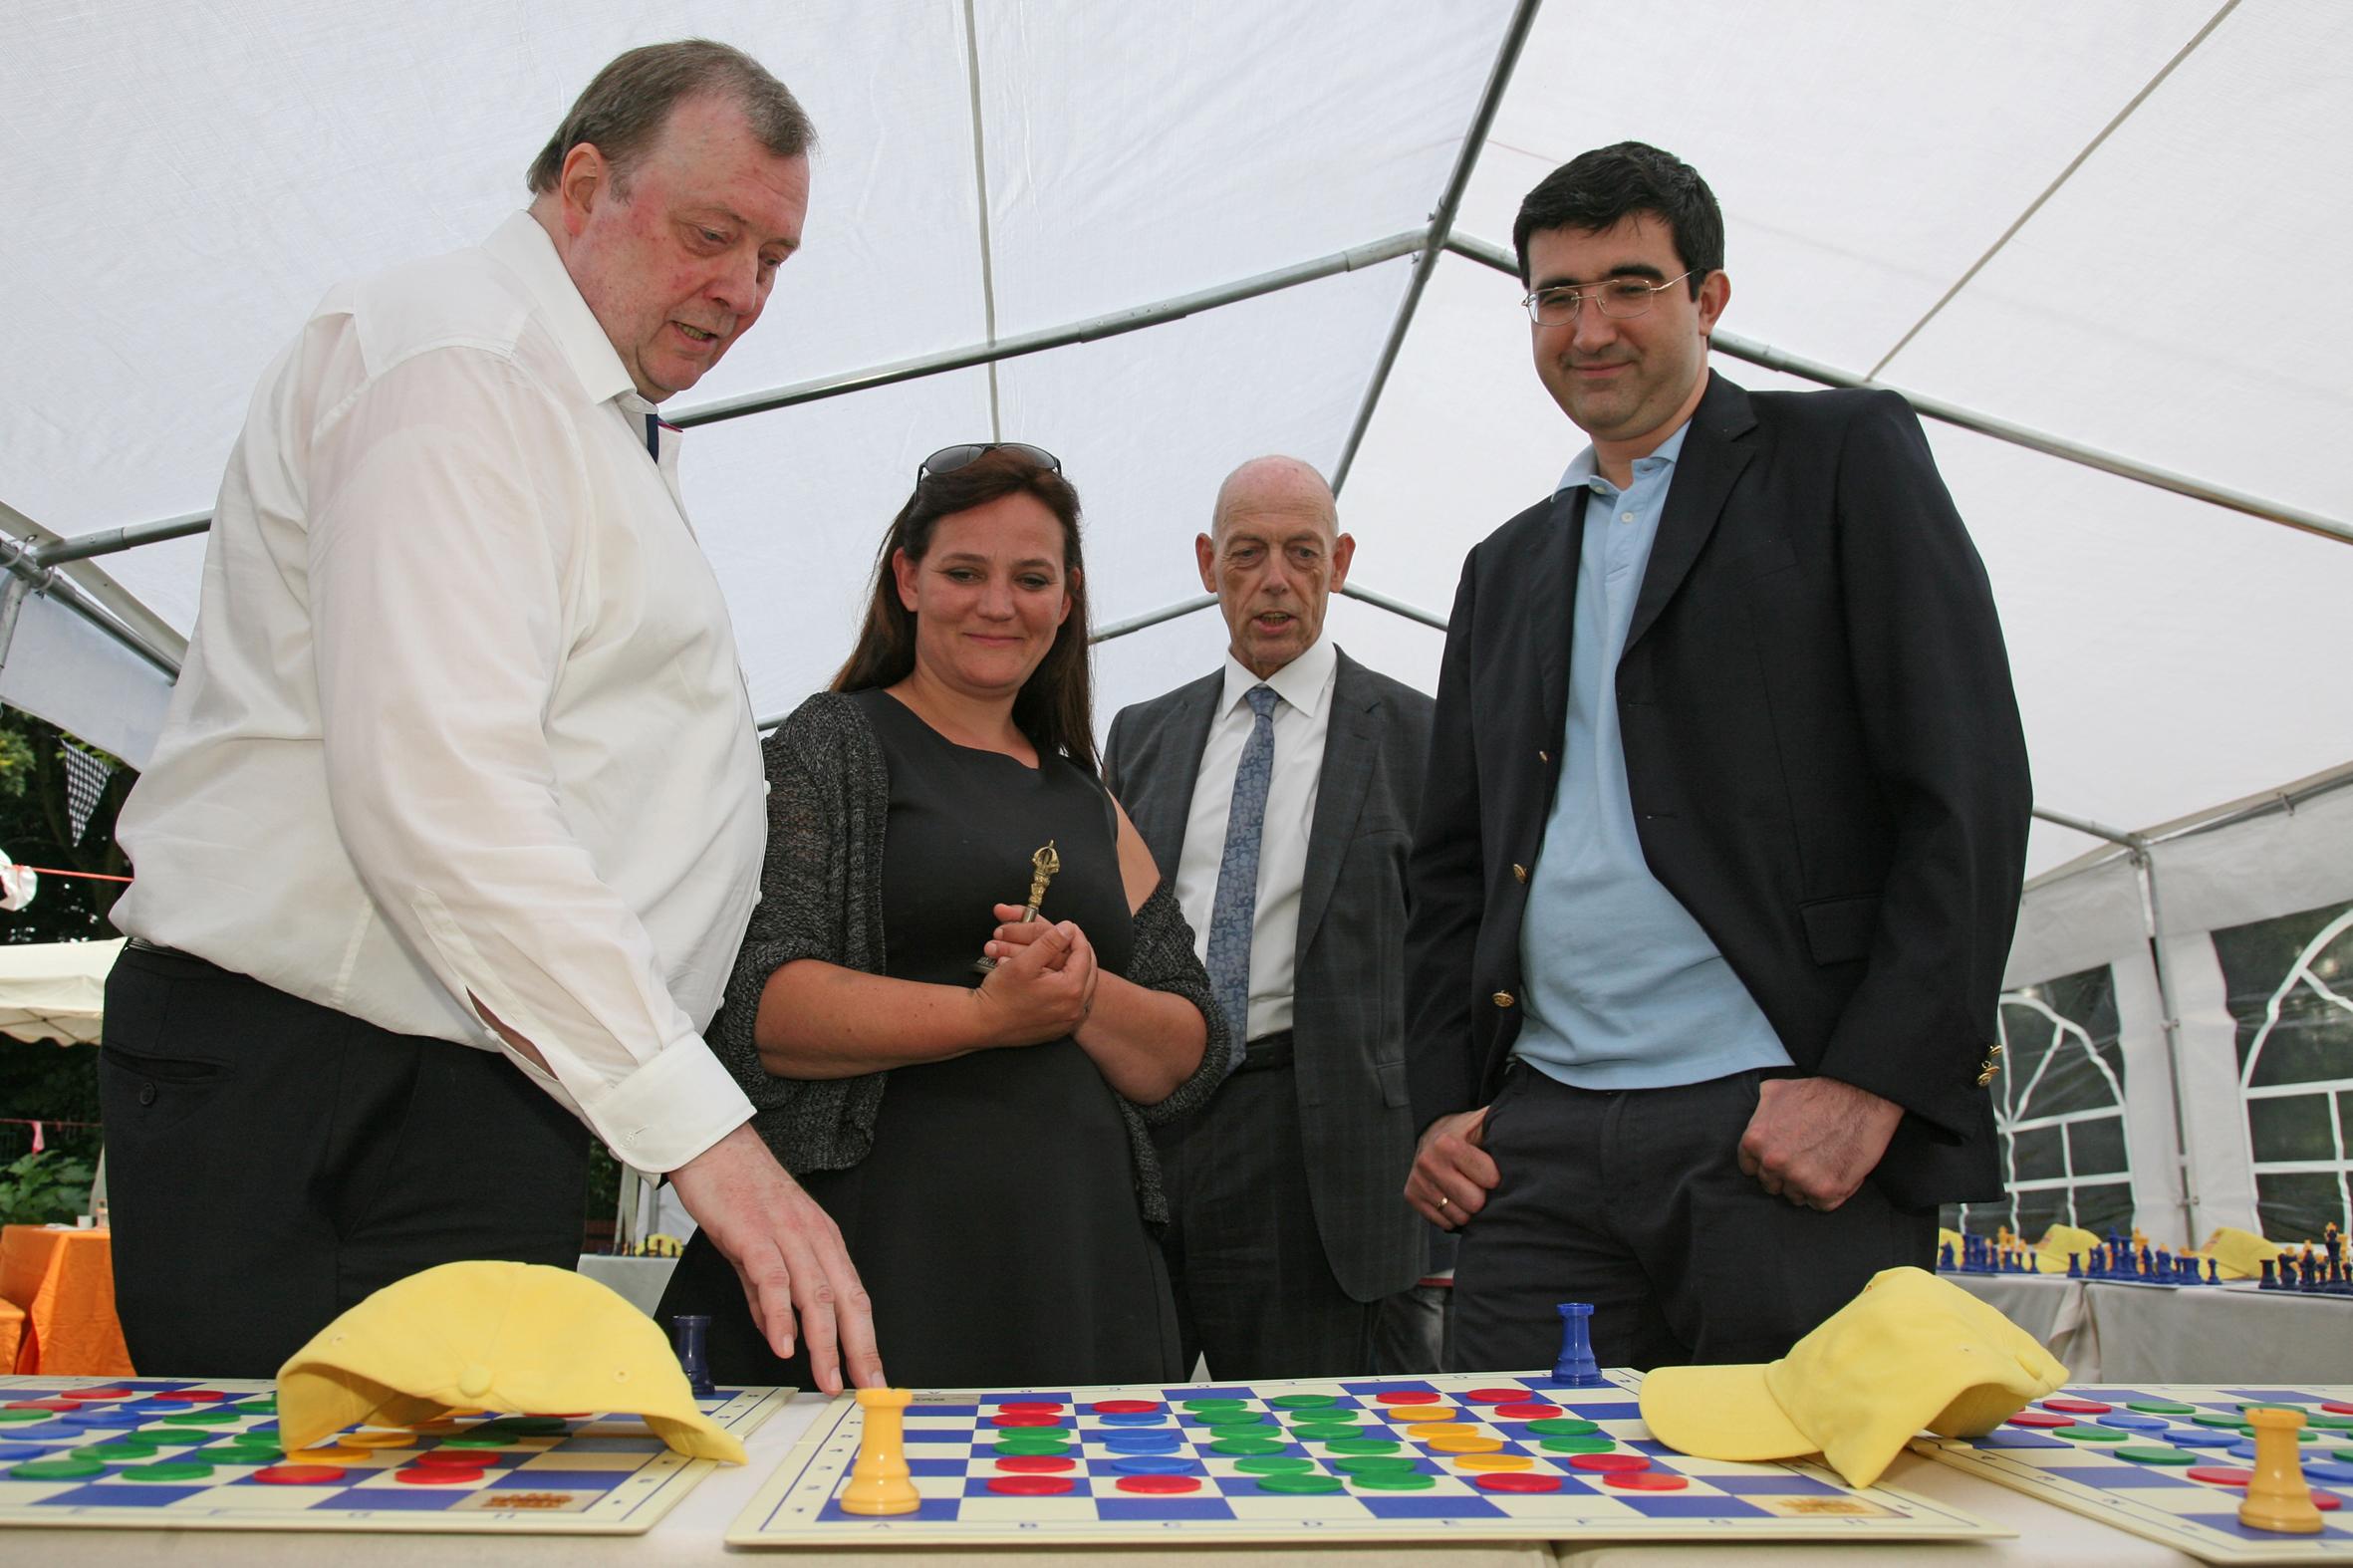 Eine wichtige Persönlichkeit des Schachs wird 60 Jahre!